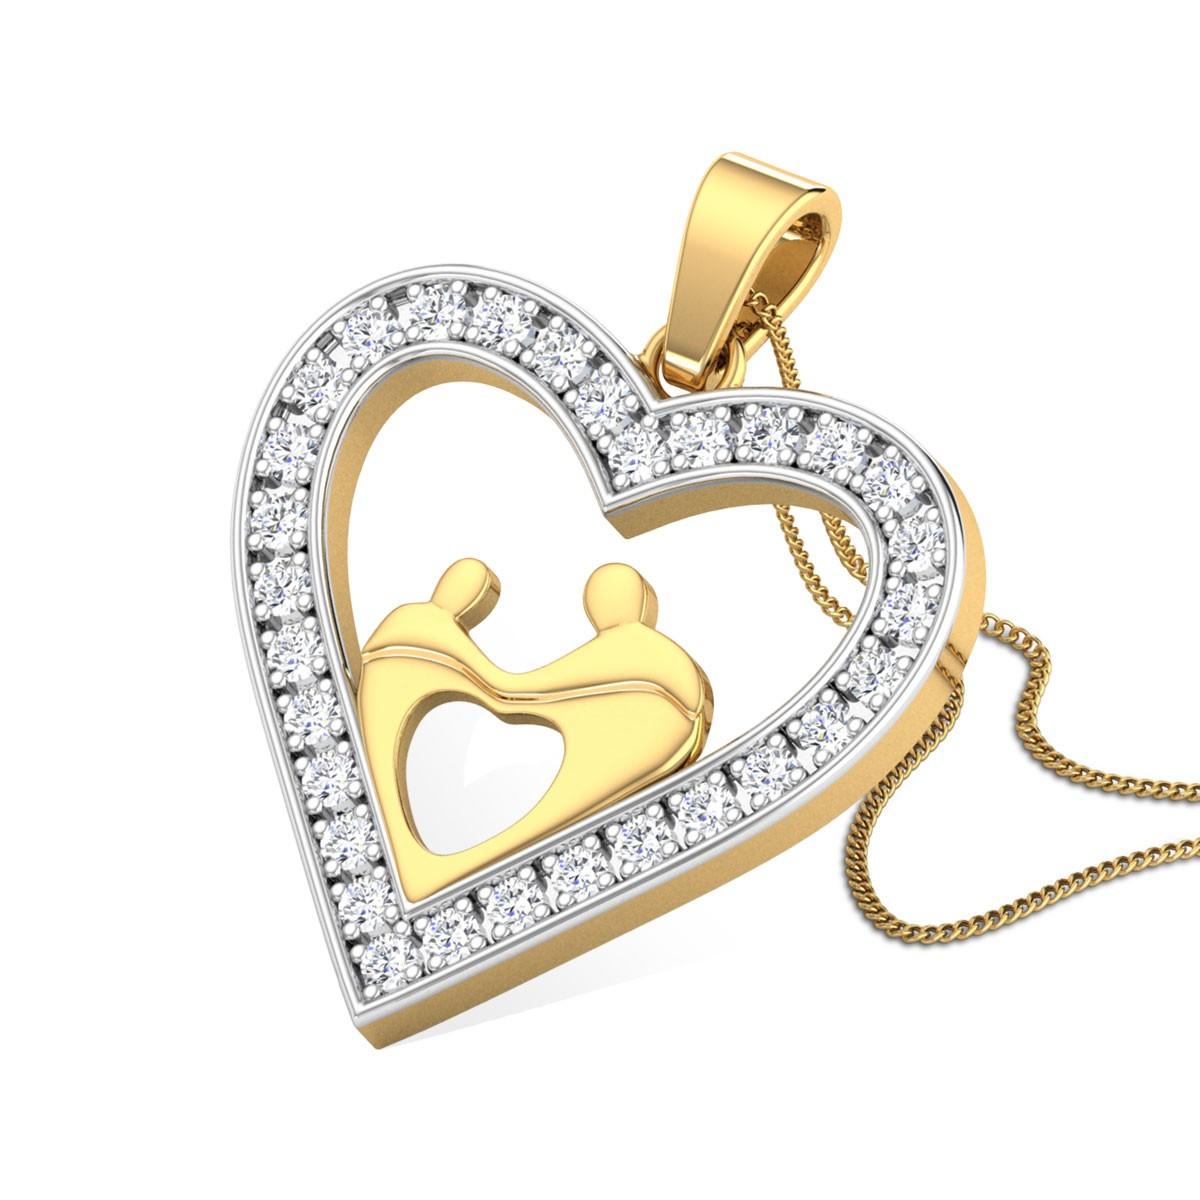 Celeste Diamond Pendant